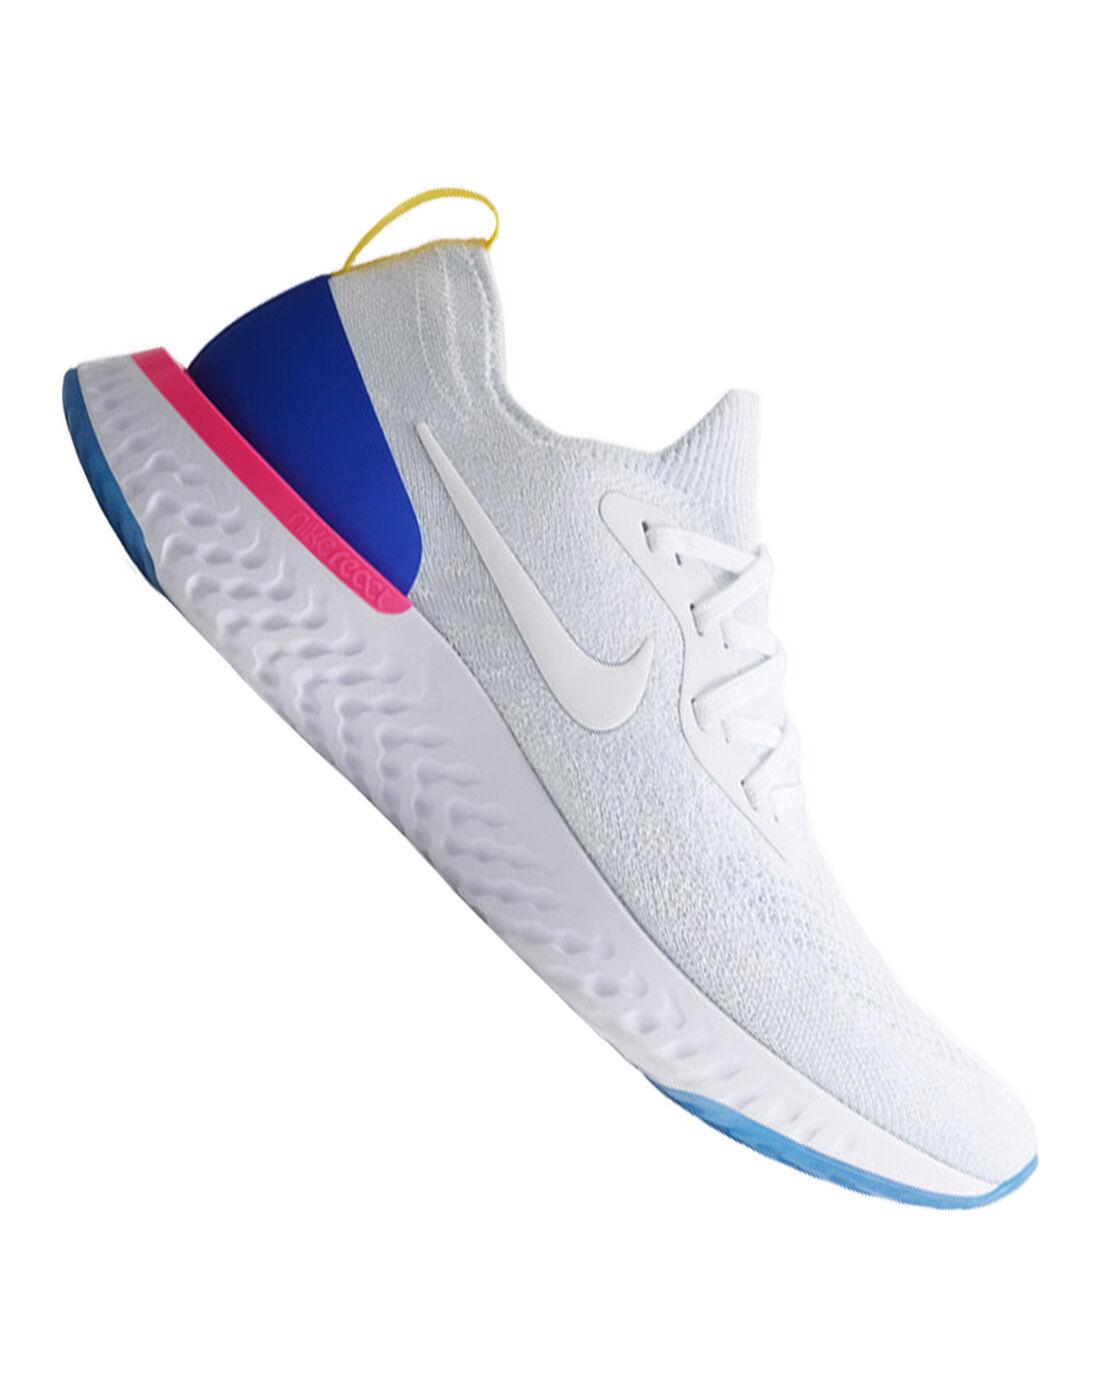 Men's Nike React Running Shoes | White